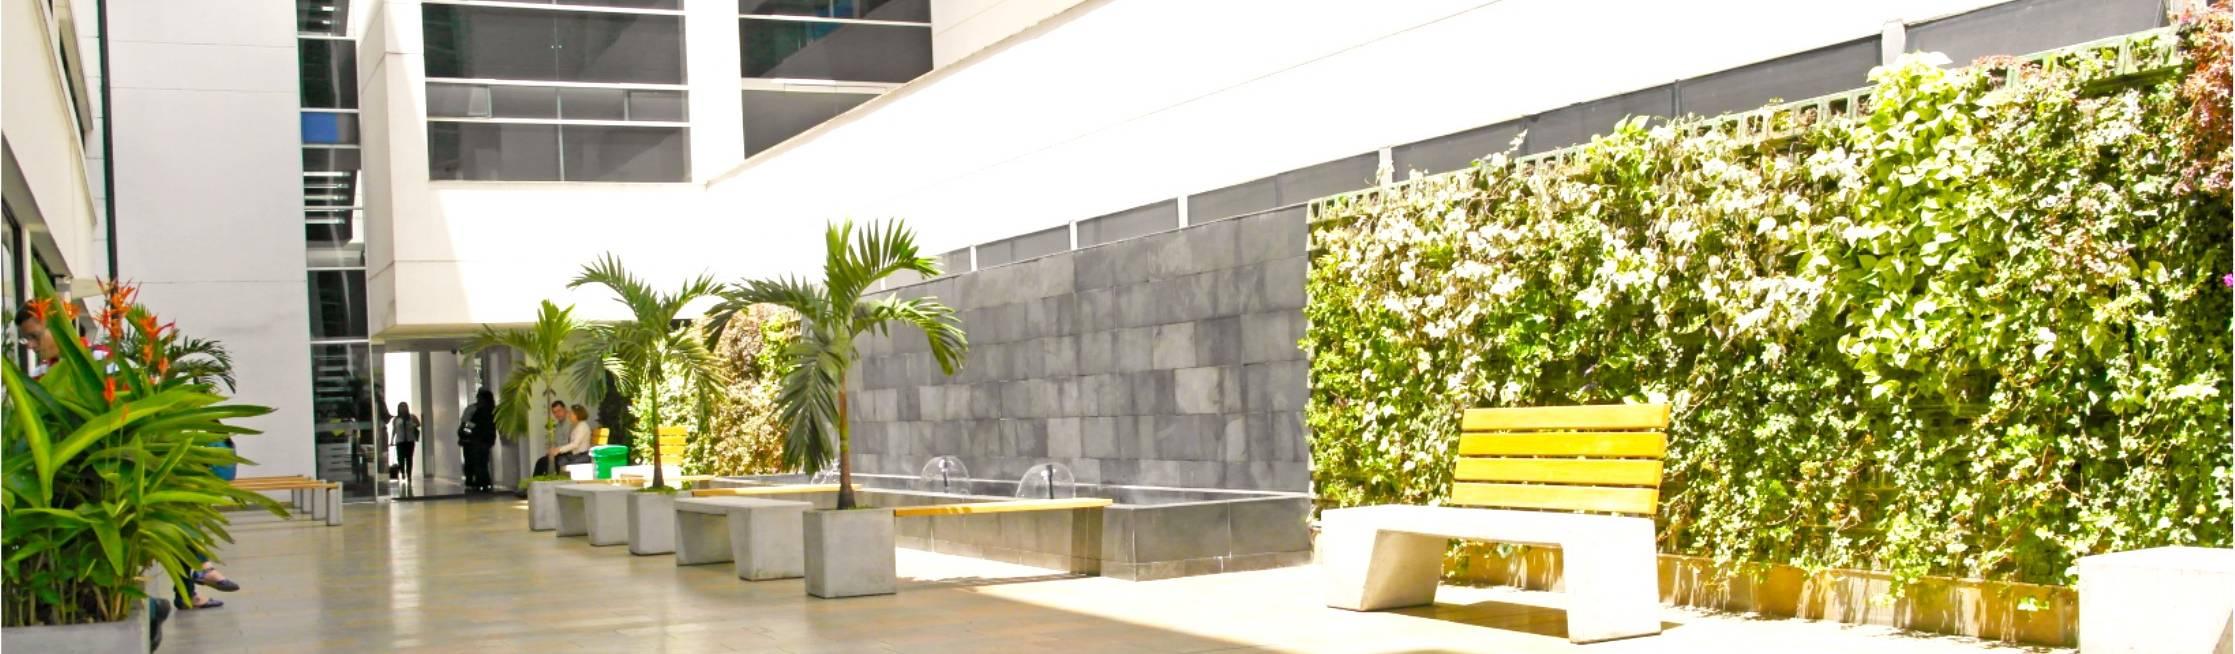 Centro de Arquitectura y Diseño | CAD